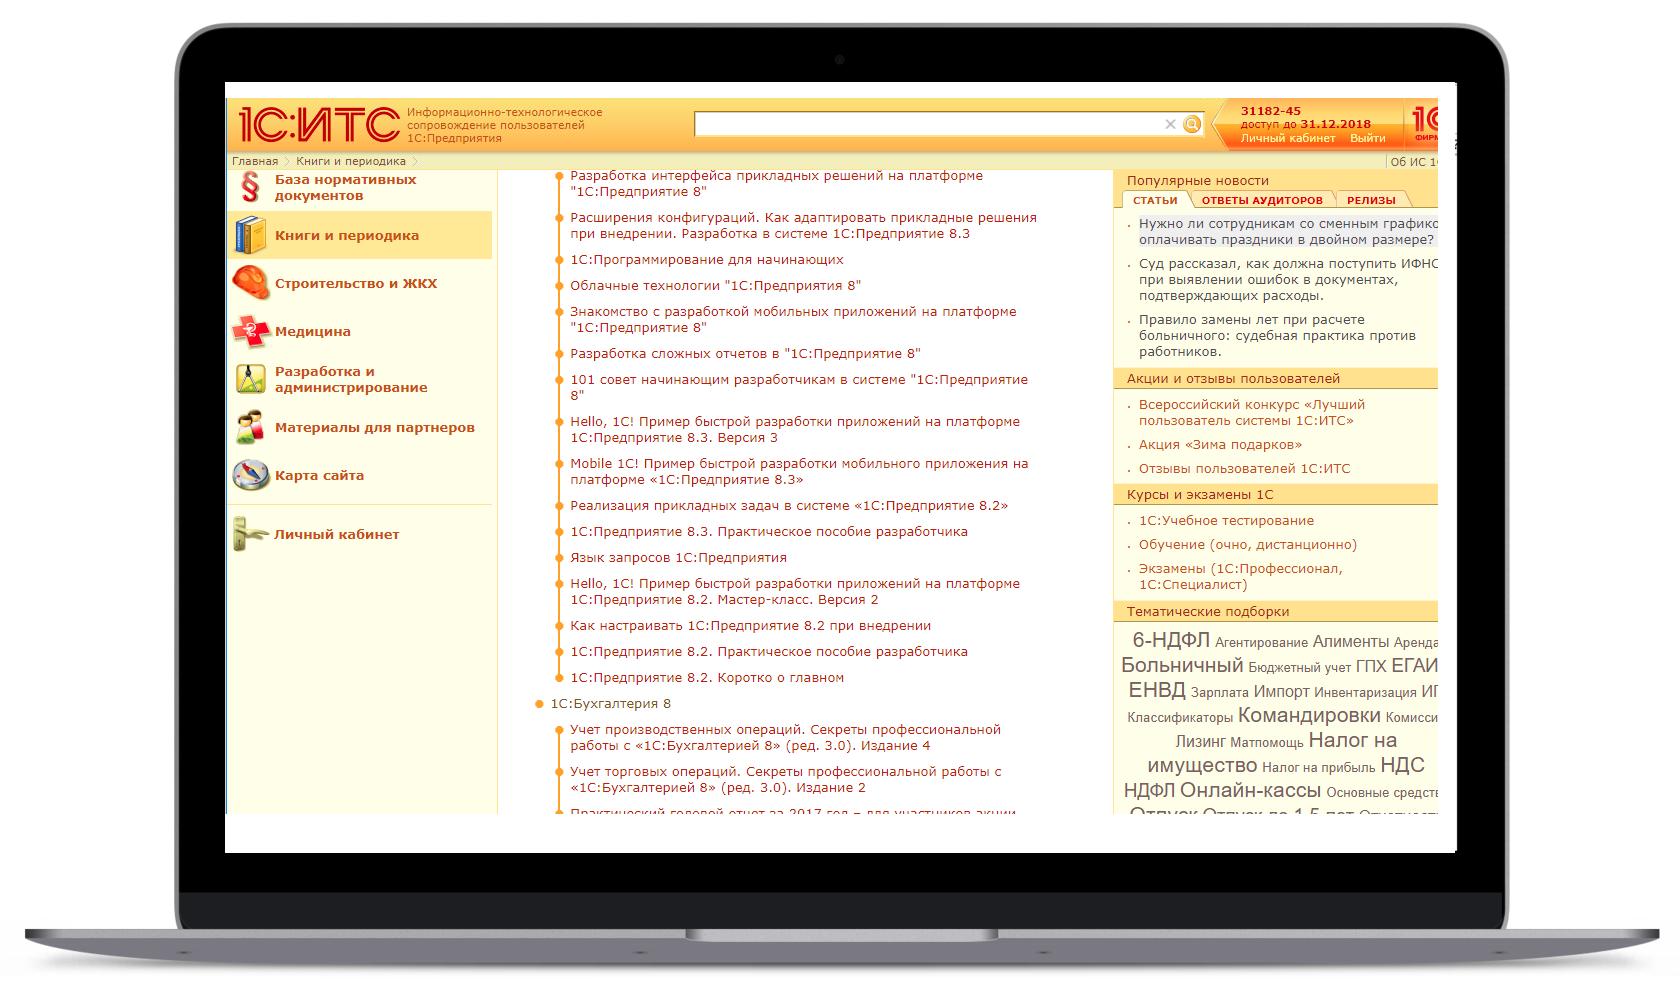 Бухгалтерия 1с 8 обучение онлайн бесплатно срок сдачи декларации по ндфл за 2019